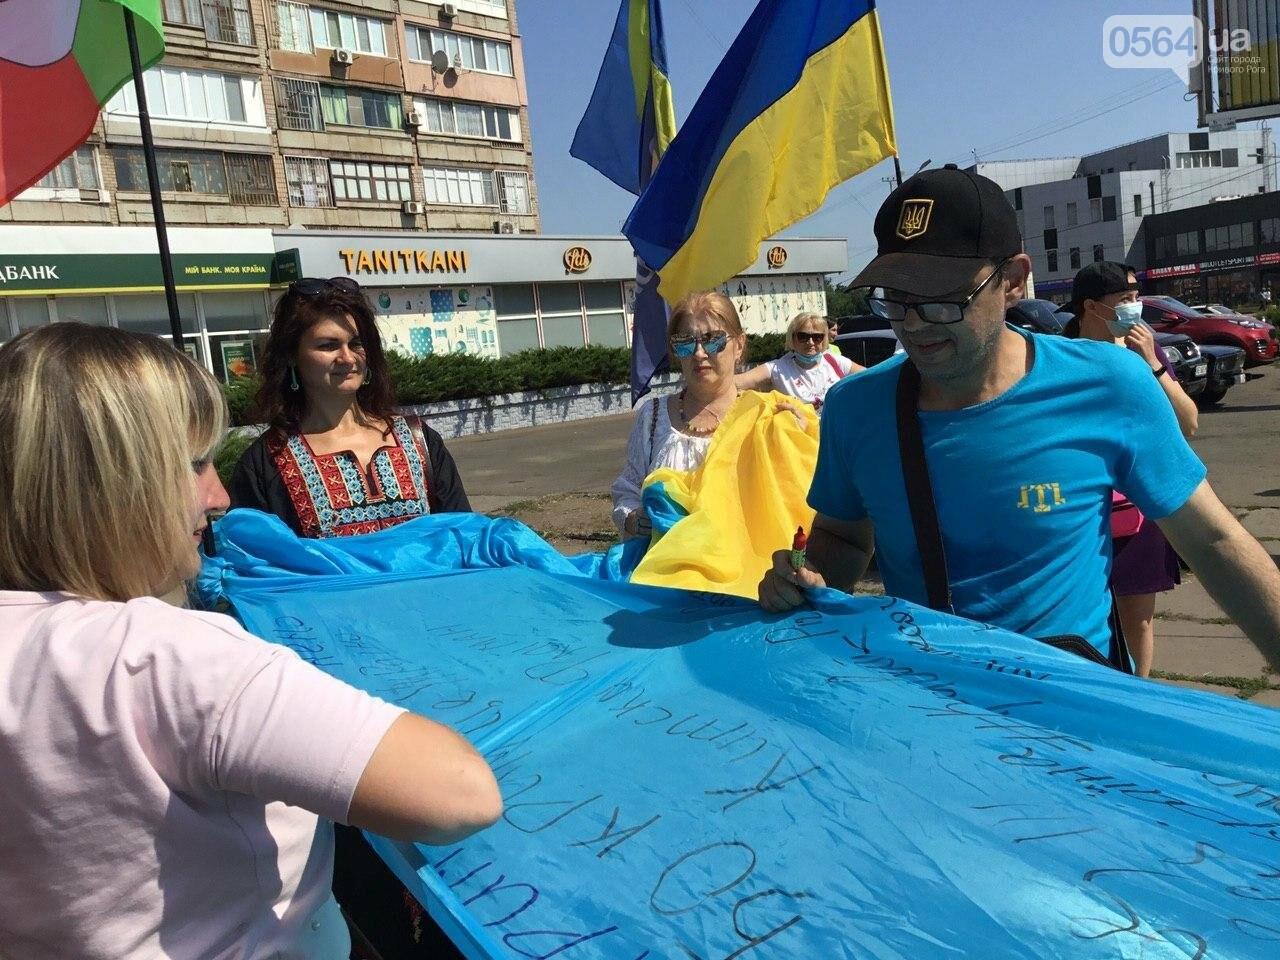 """""""Українці - брати, Разом ми - сила!"""", - какие пожелания и призывы написали криворожане на Знамени Единства, - ФОТО, ВИДЕО, фото-18"""